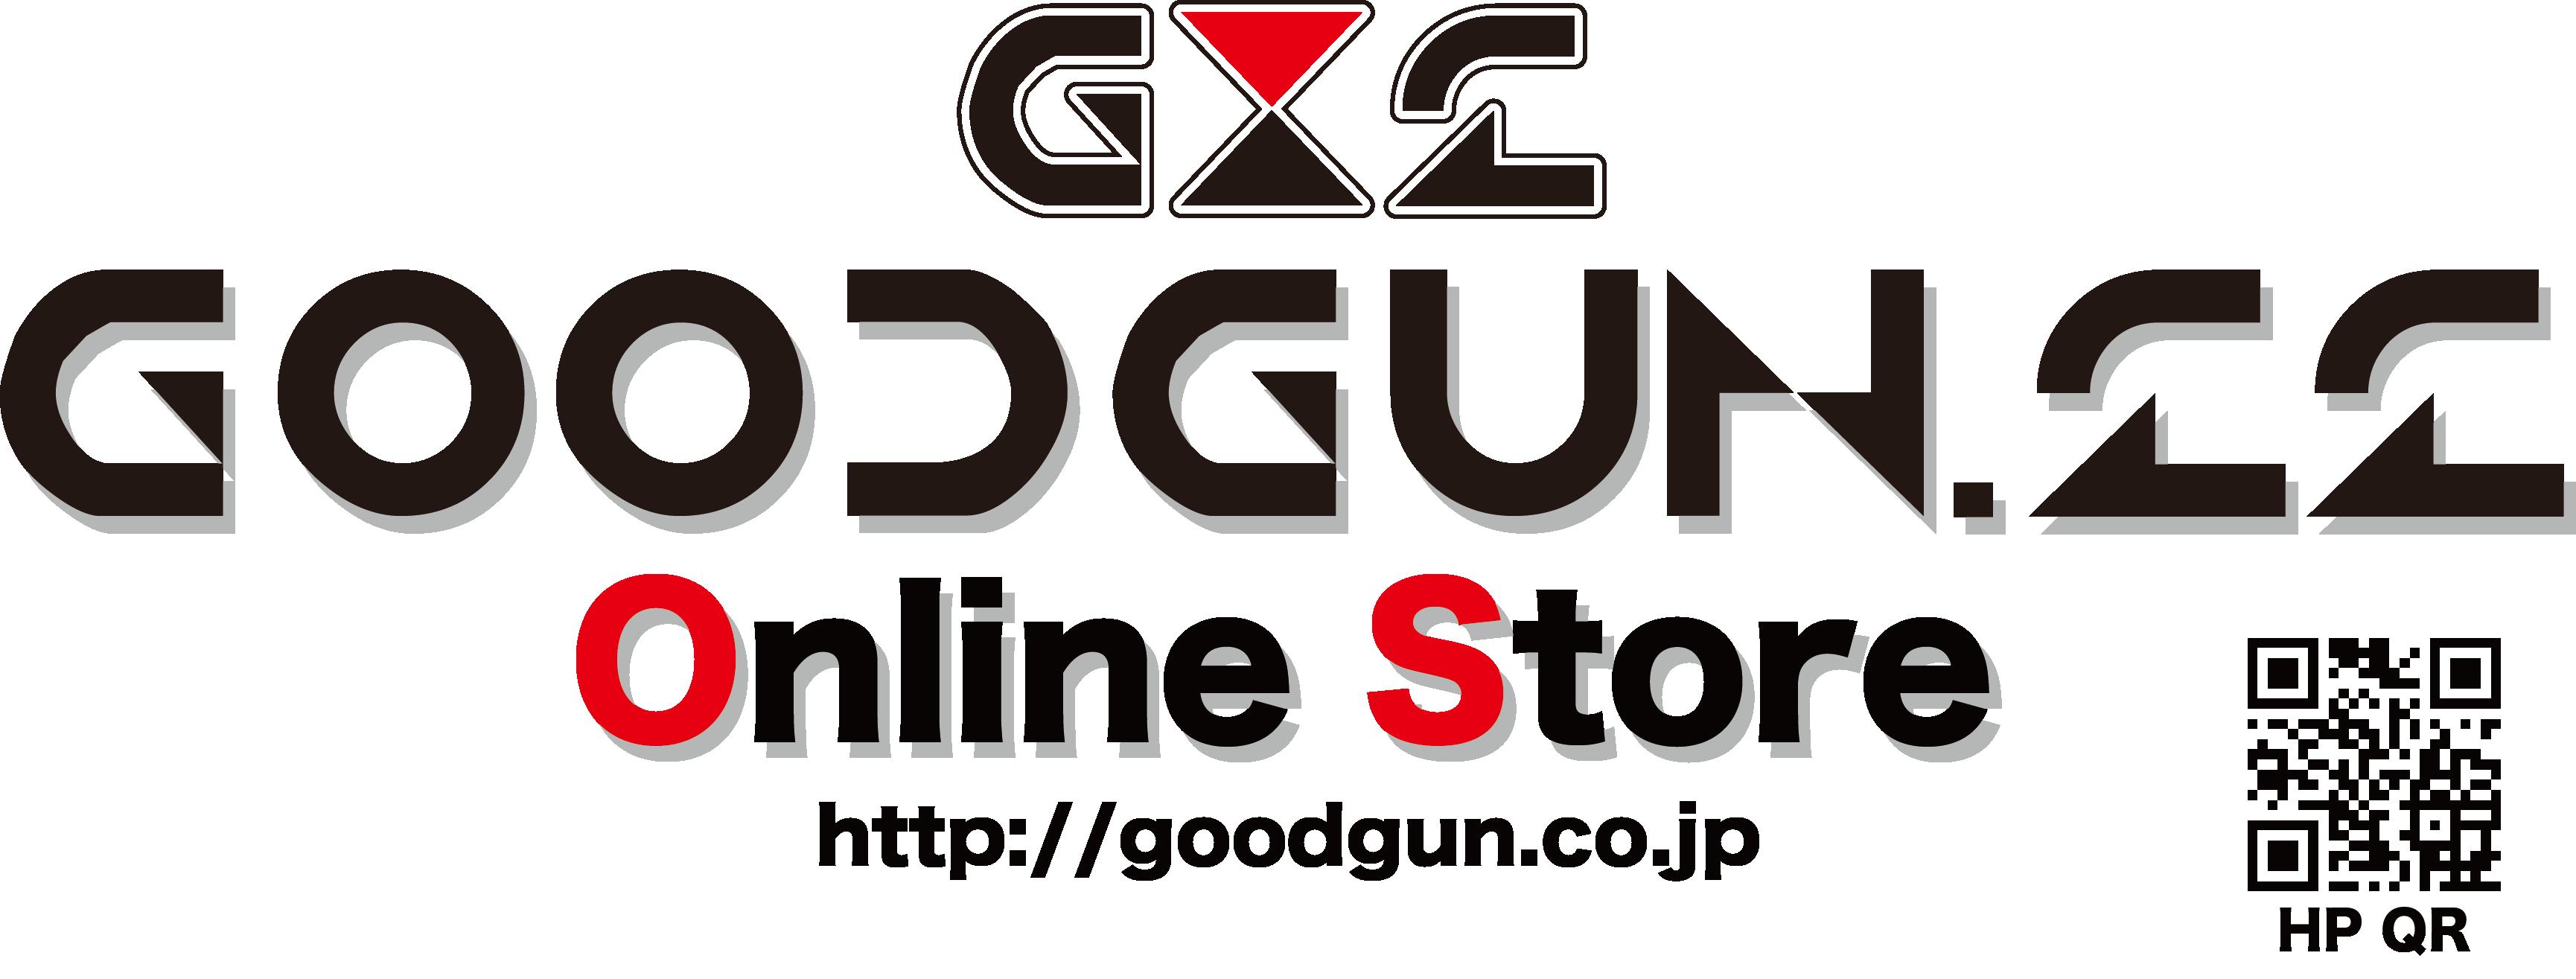 Good Gun Online Store